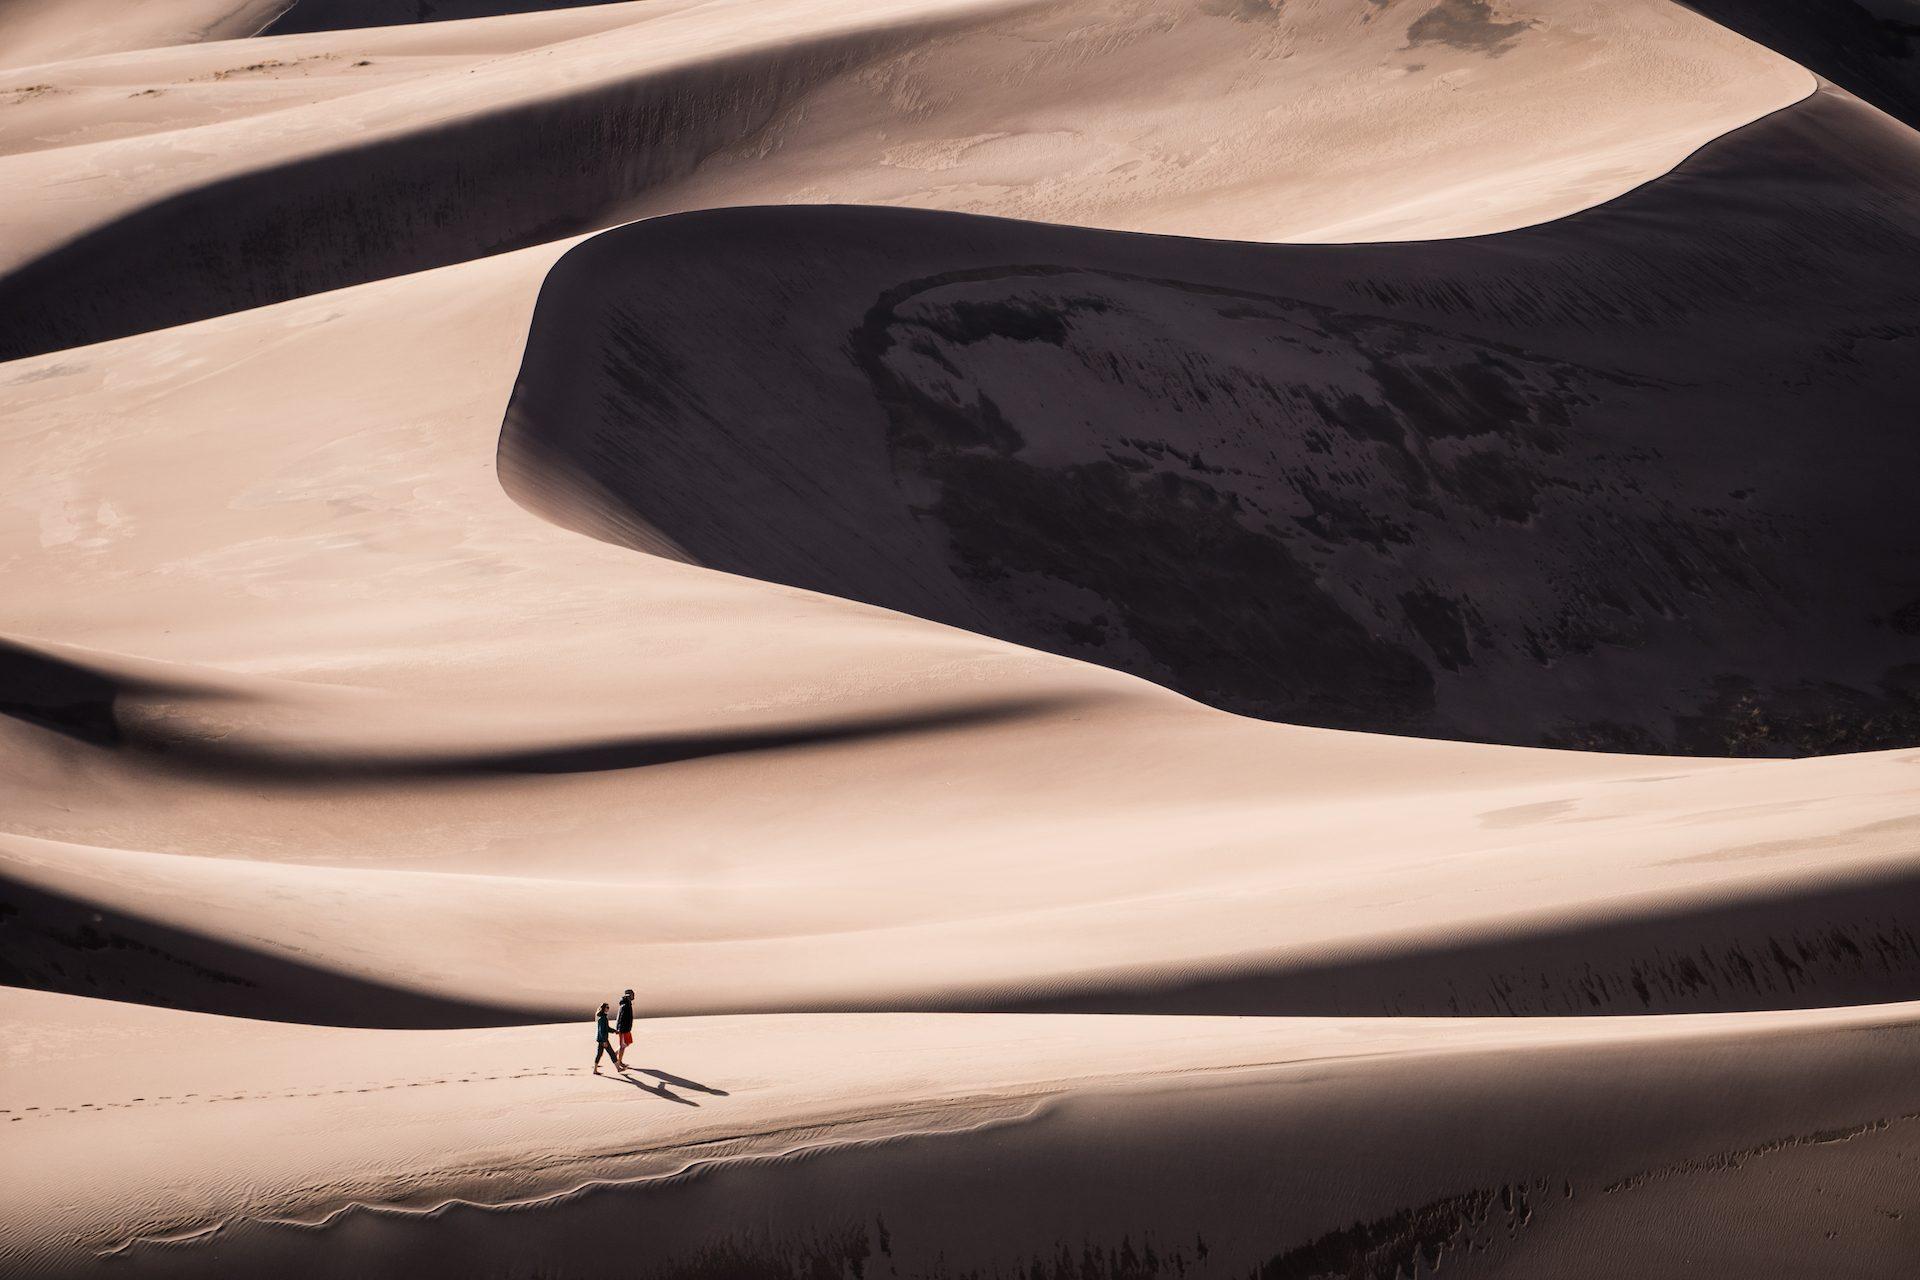 пустыня, песок, пара, дюны, Соледад - Обои HD - Профессор falken.com